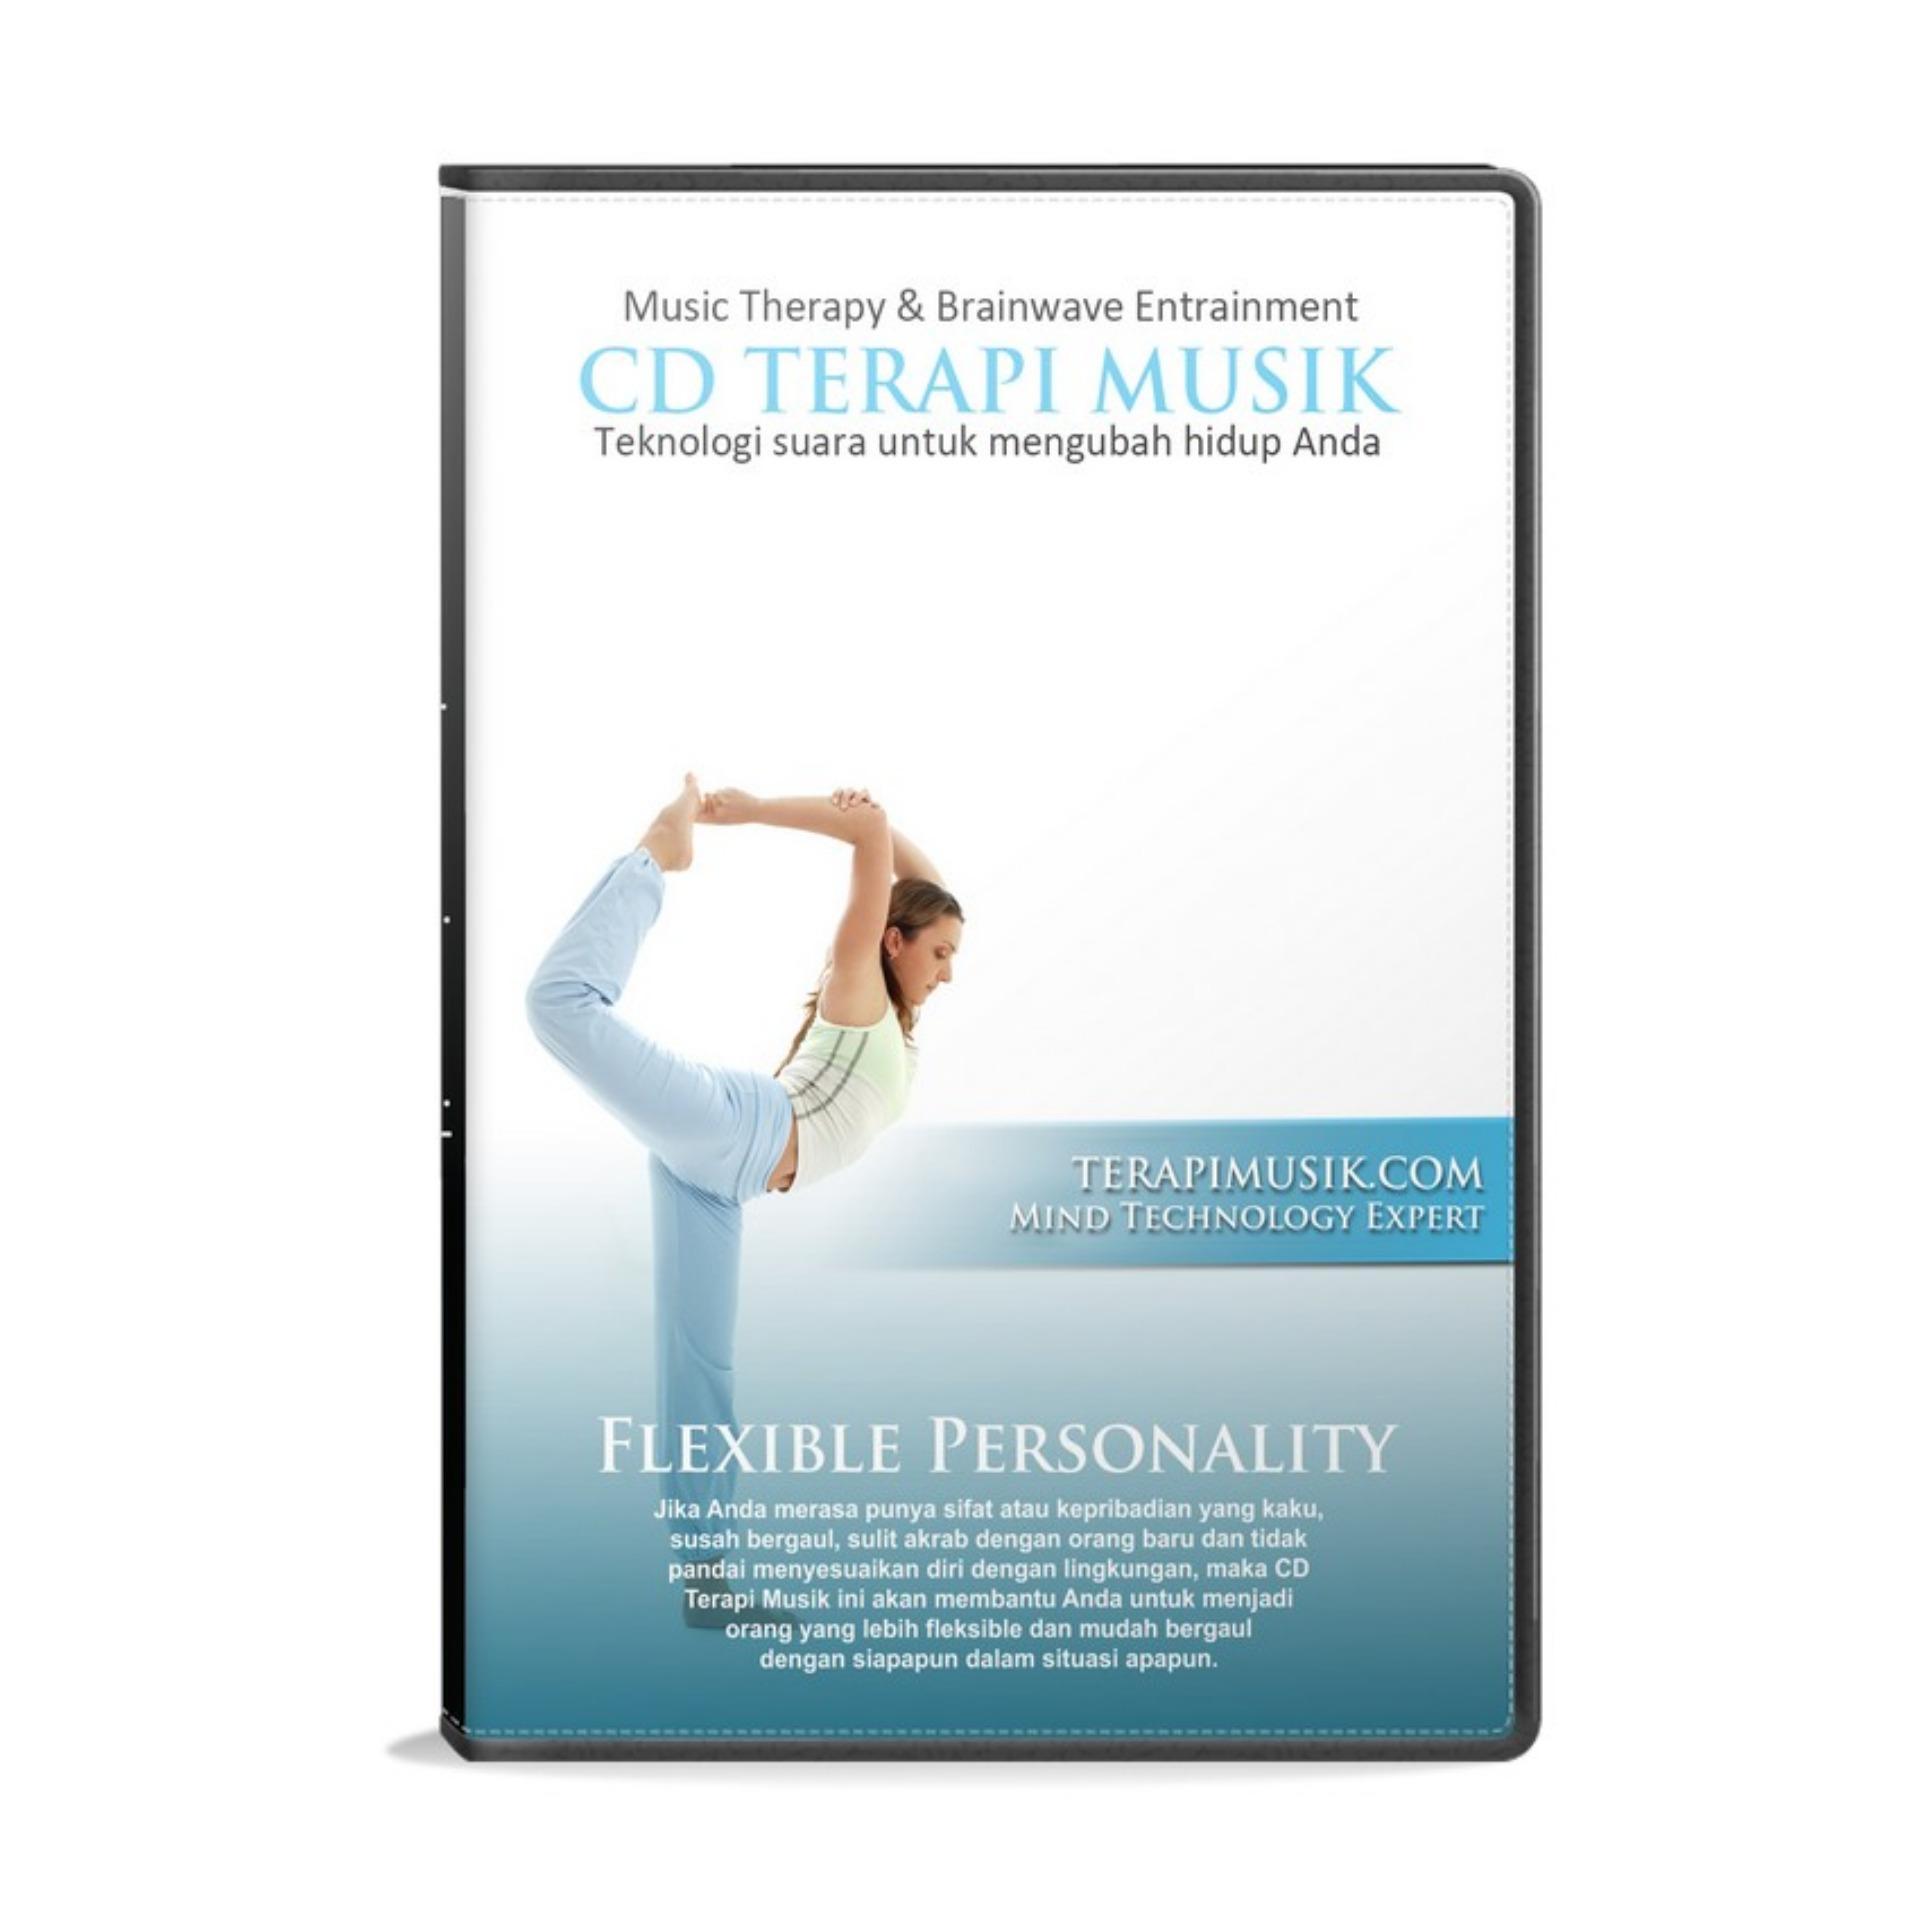 Terapi Musik Flexible Personality (mengatasi Sifat Kaku / Susah Bergaul) By Terapi Musik.